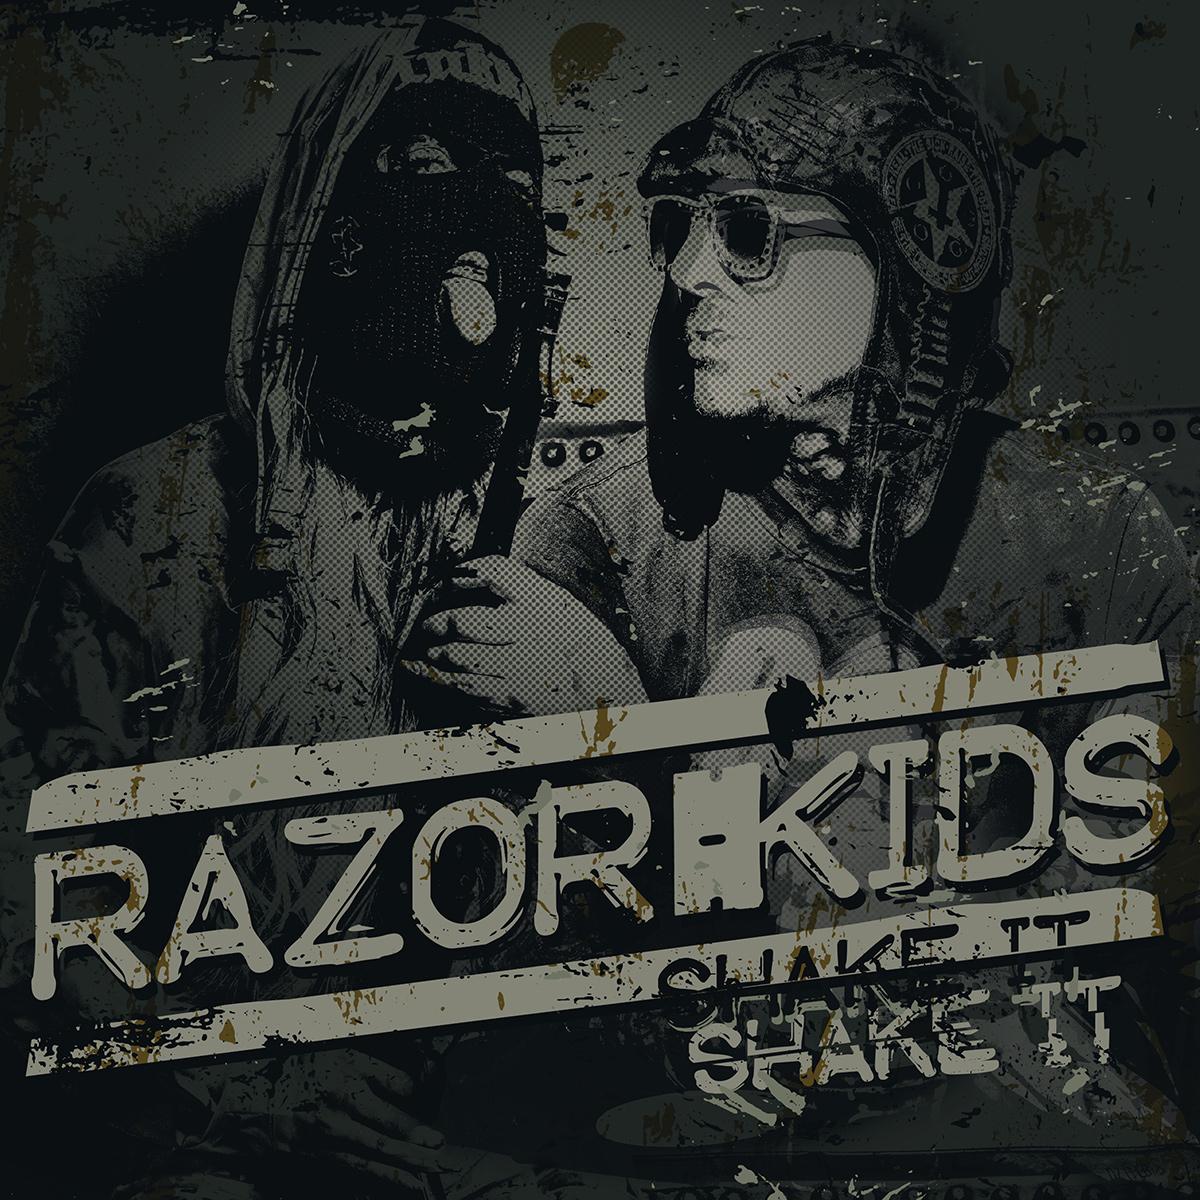 Razor Kids hyperfollow promo for Shake It punk rock single